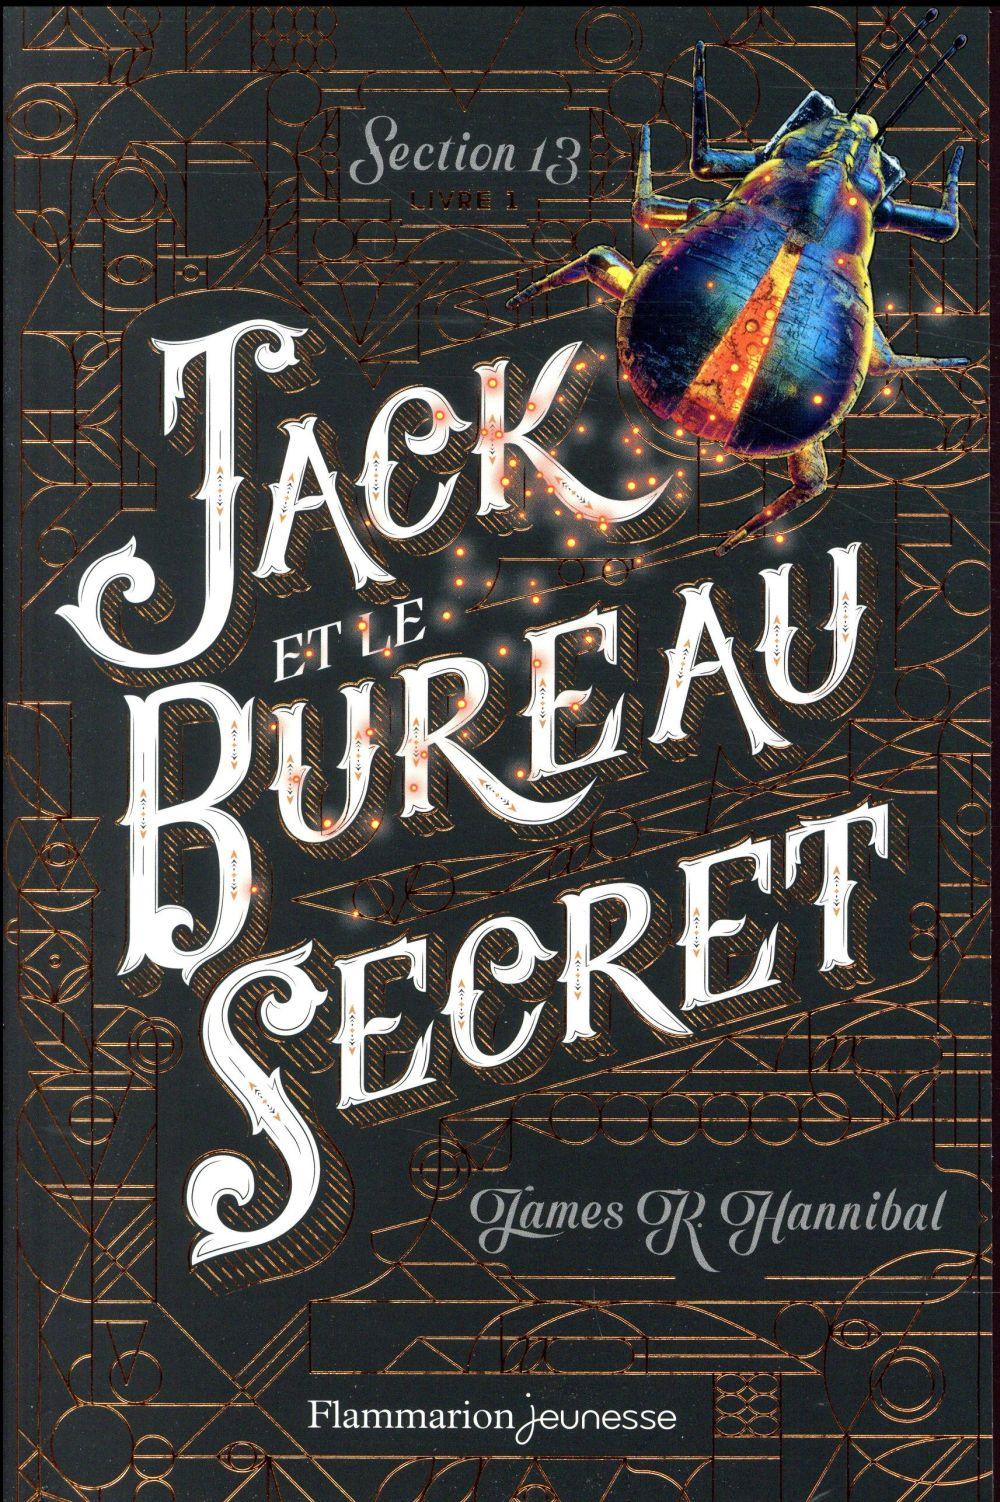 Section 13 (Tome 1) - Jack et le Bureau secret